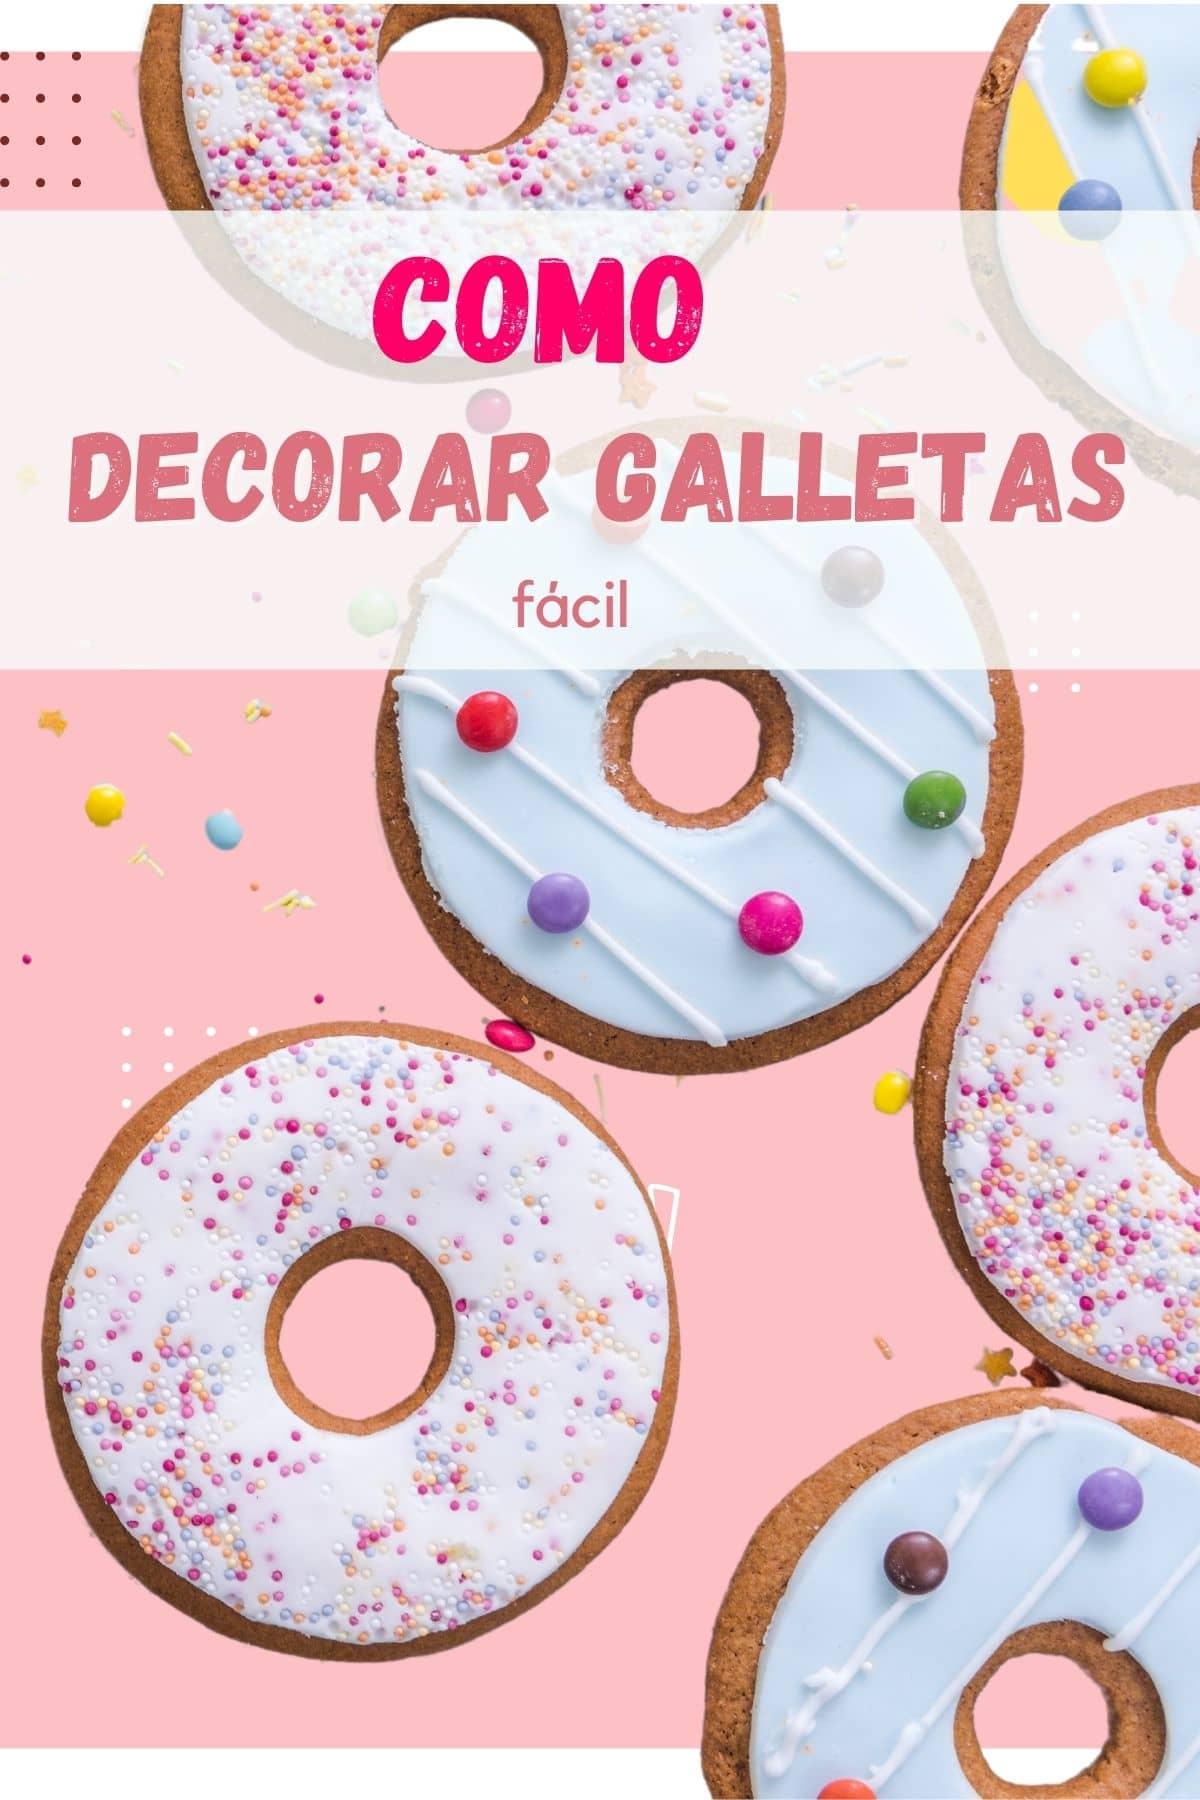 decorar galletas